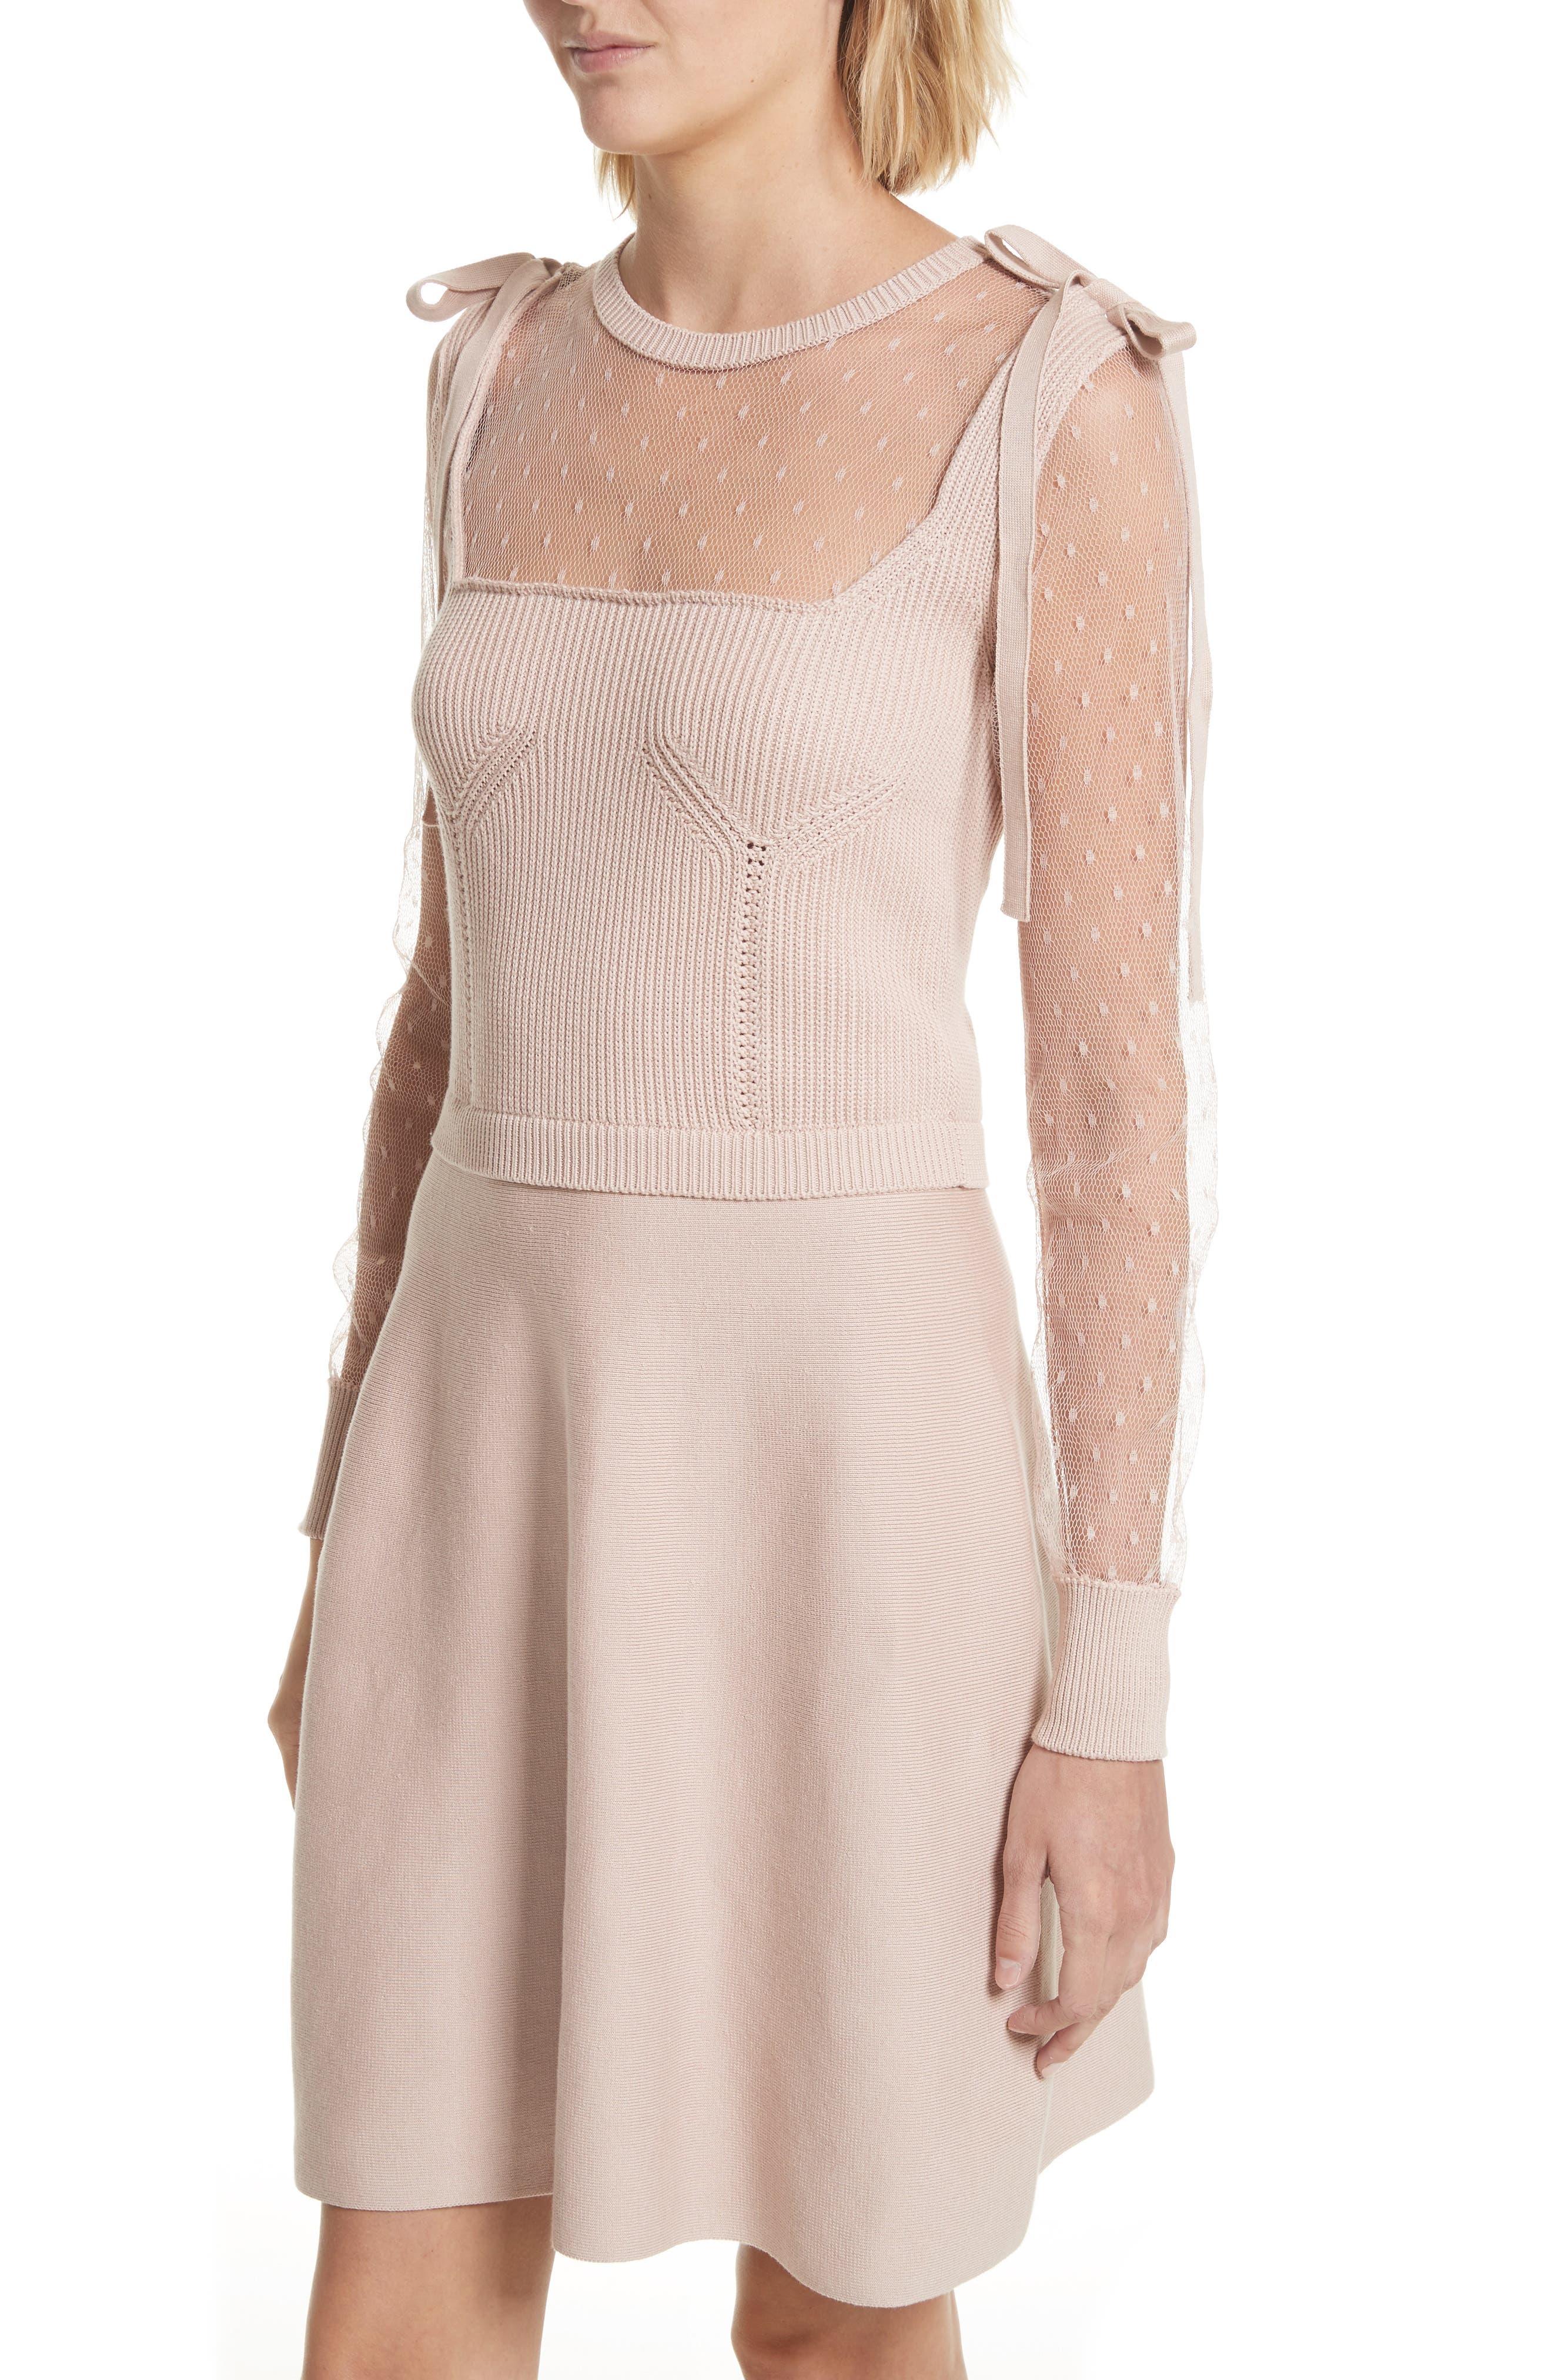 Point d'Esprit Cotton Dress,                             Alternate thumbnail 4, color,                             Nude